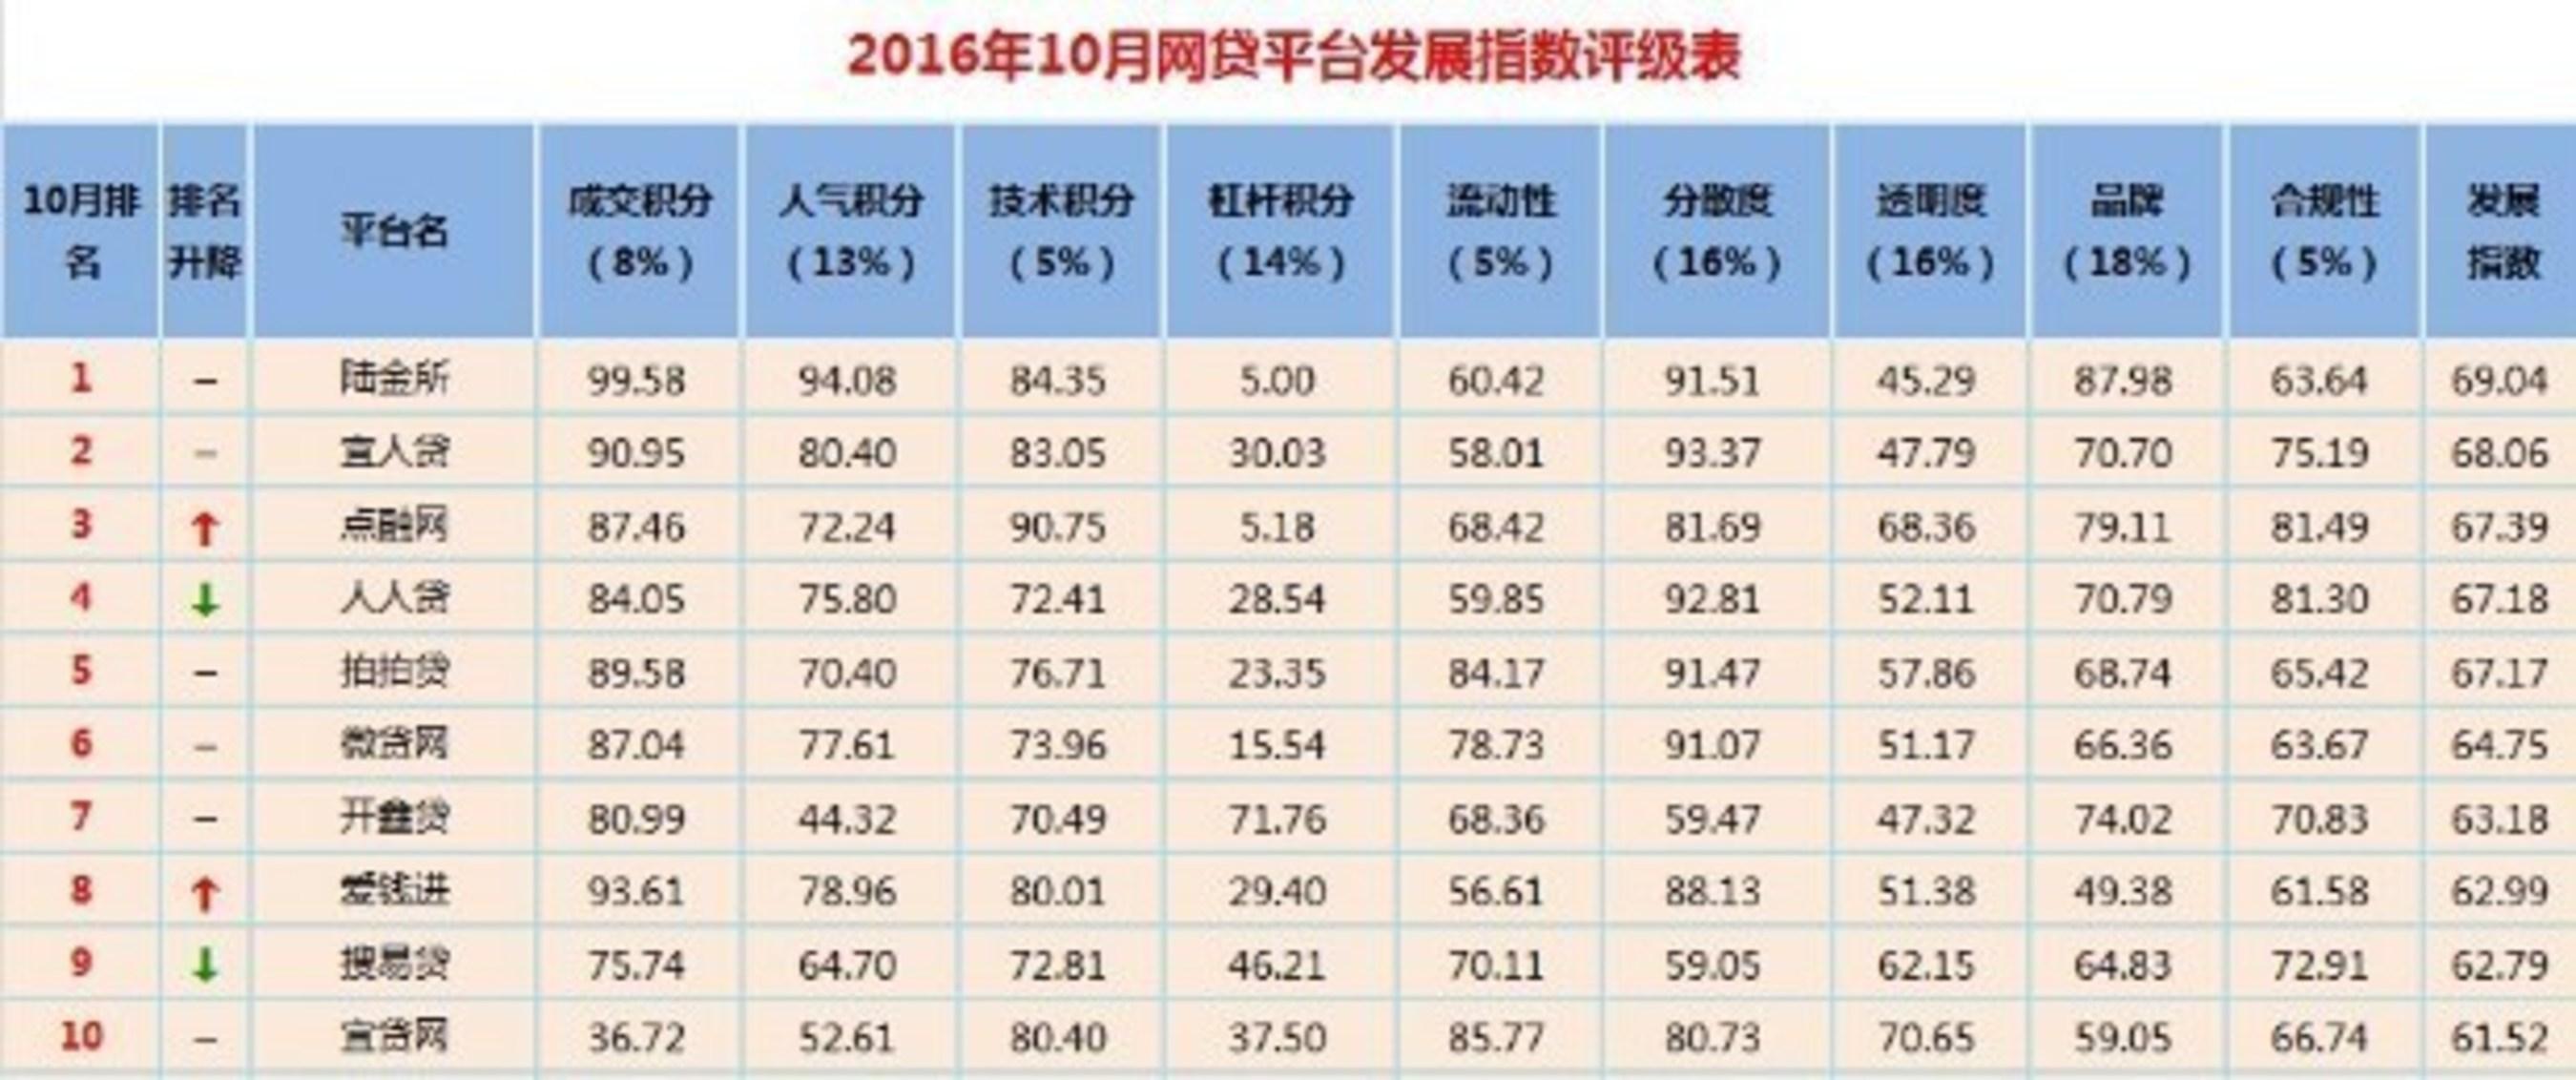 October 2016 Online Lending Platform Development Index Rating